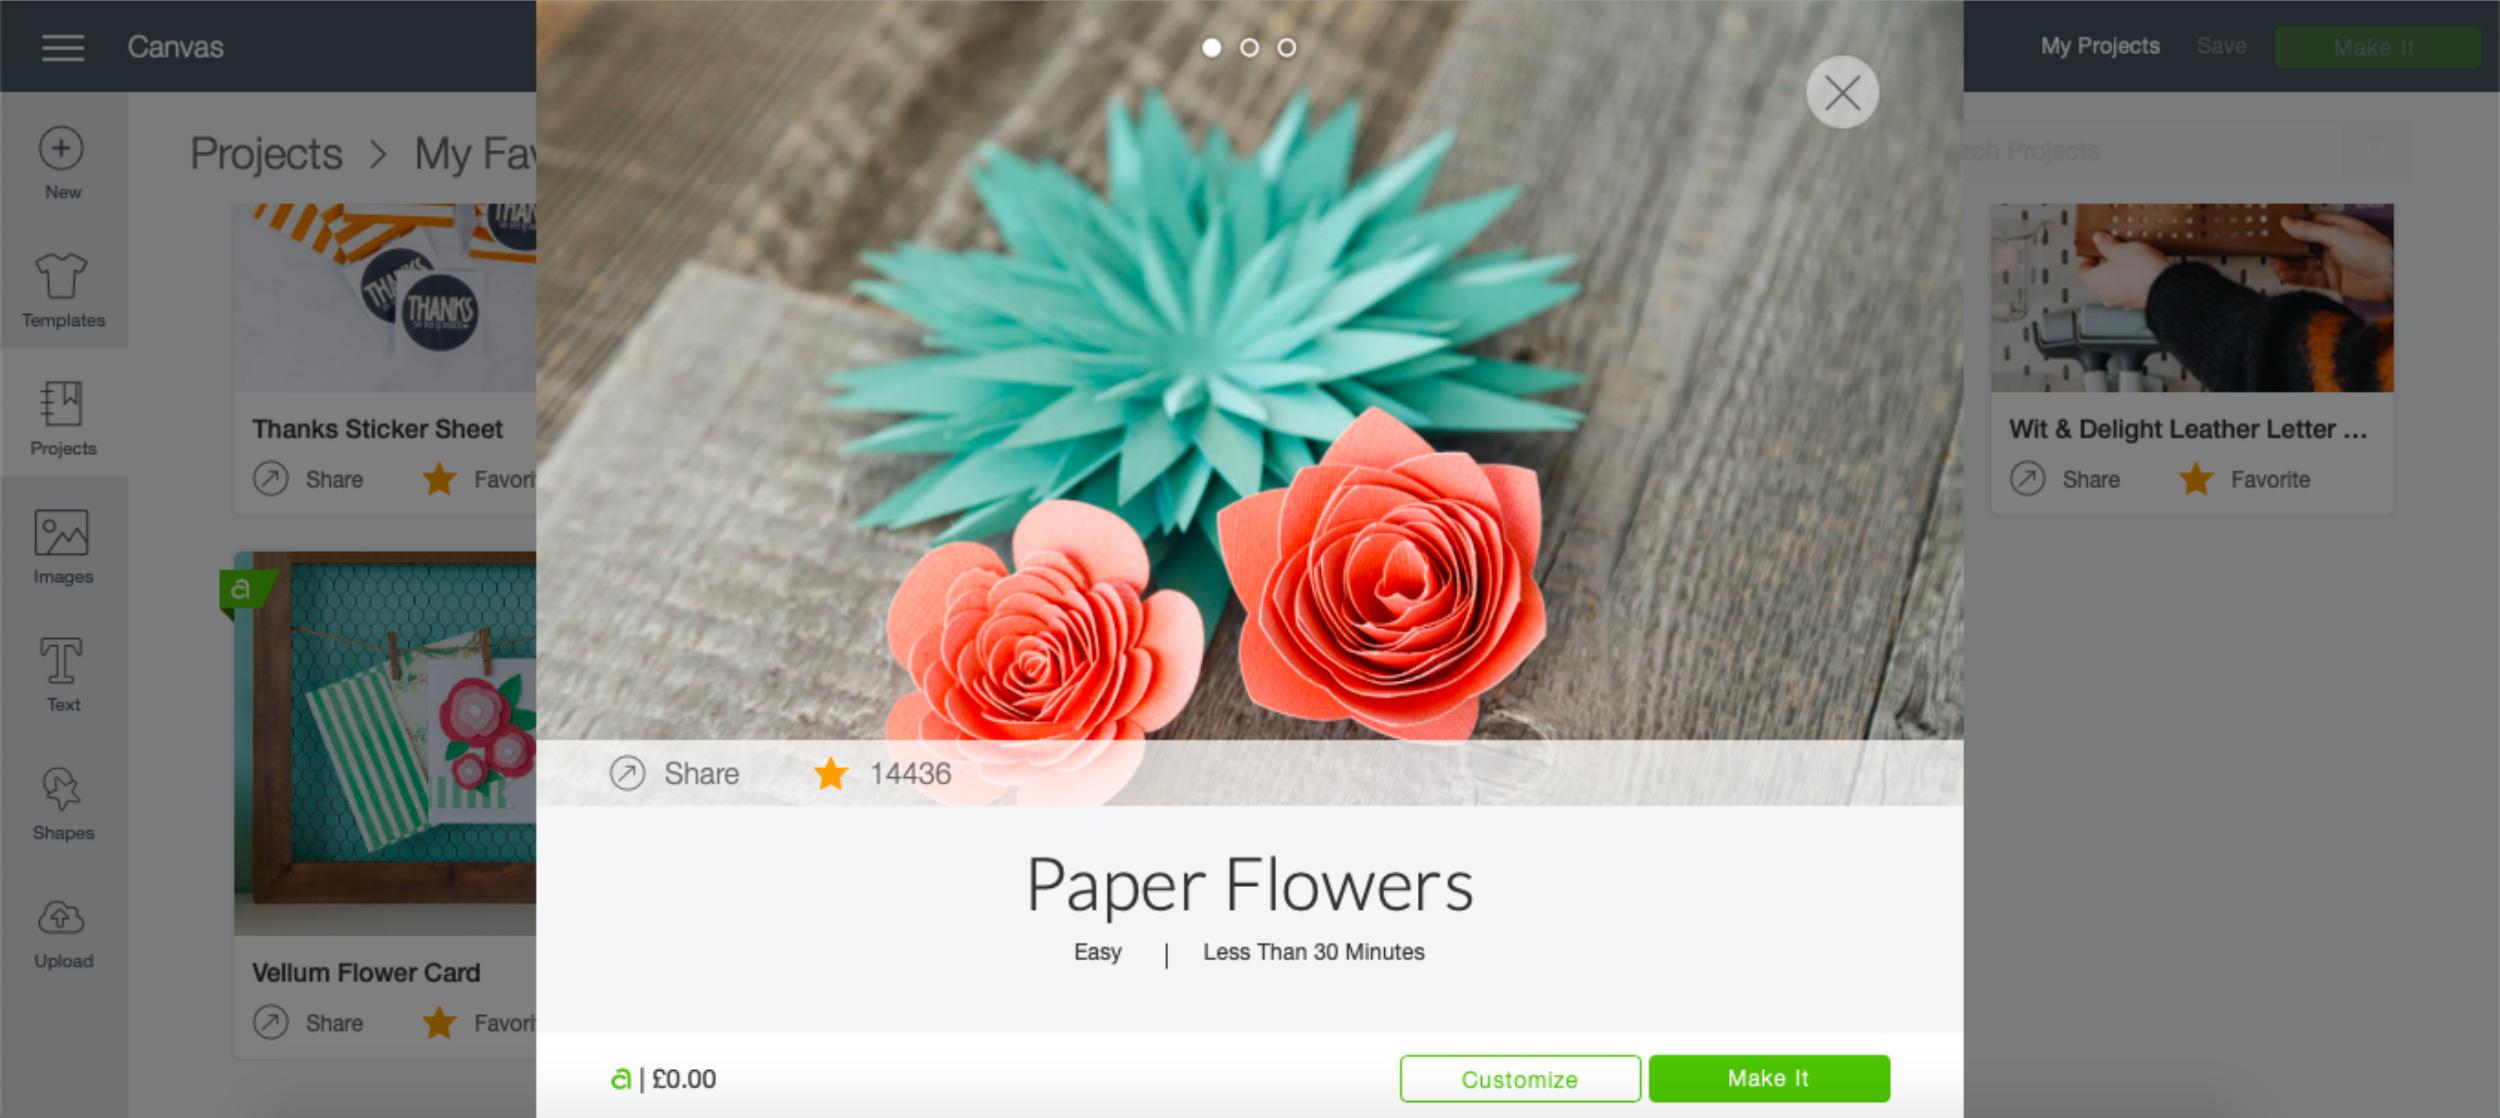 My very first Cricut Maker flower project